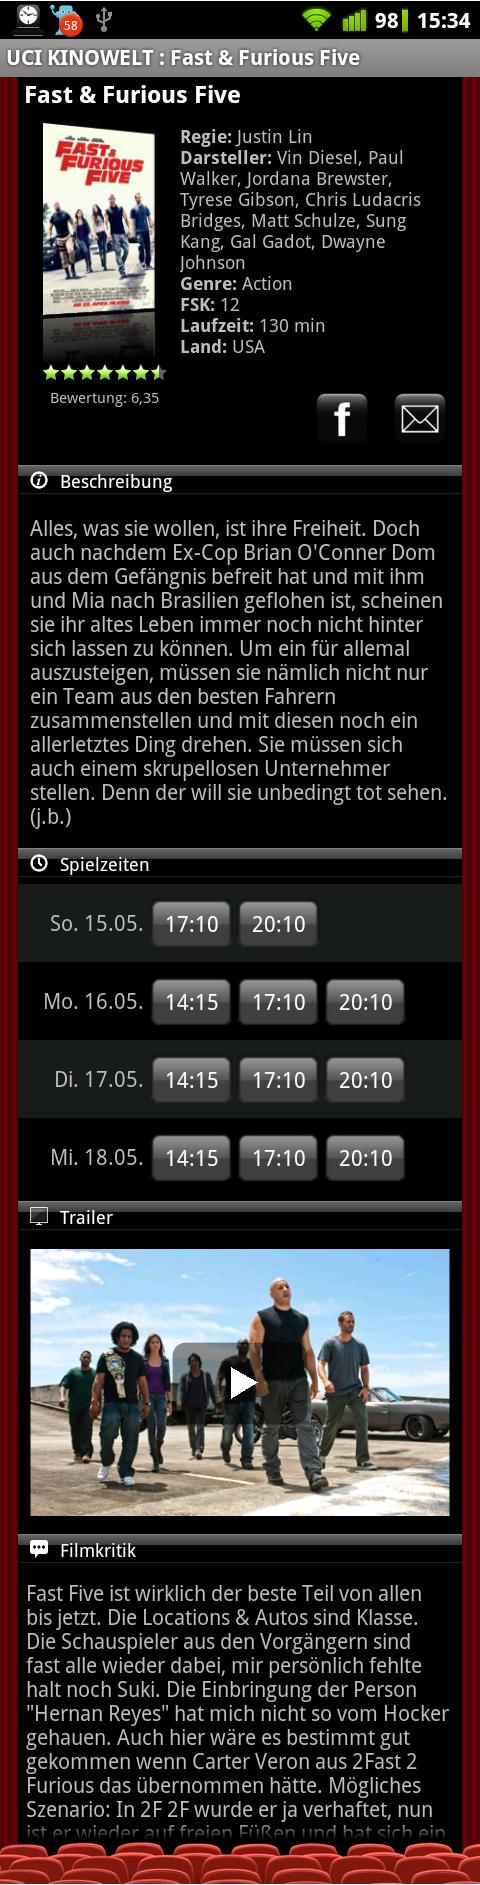 Wochenendliche Android App Vorstellung Folge 79 | Der ...